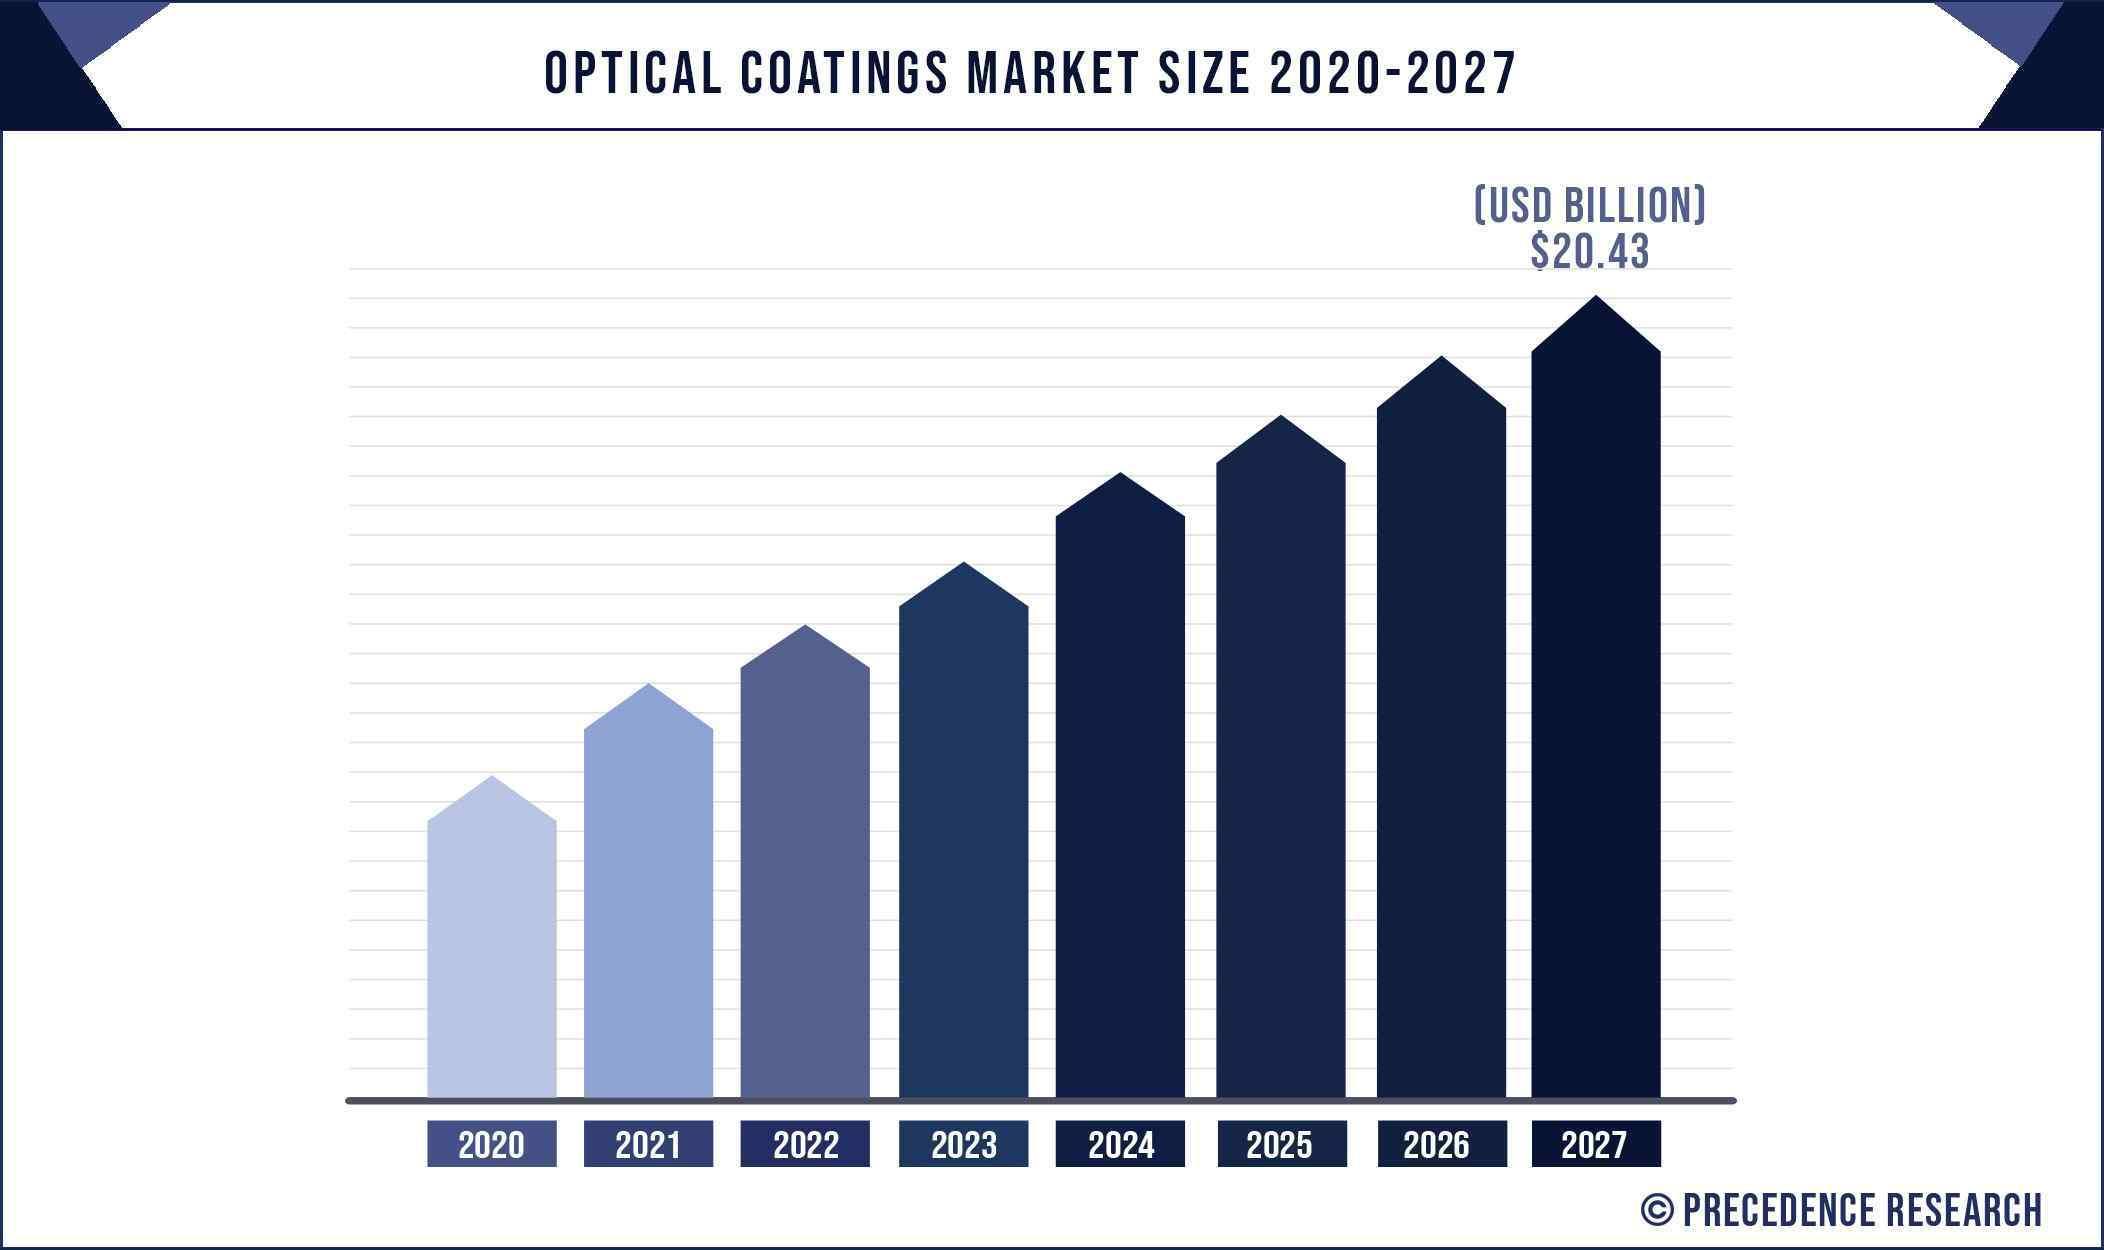 Optical Coatings Market Size 2020 to 2027